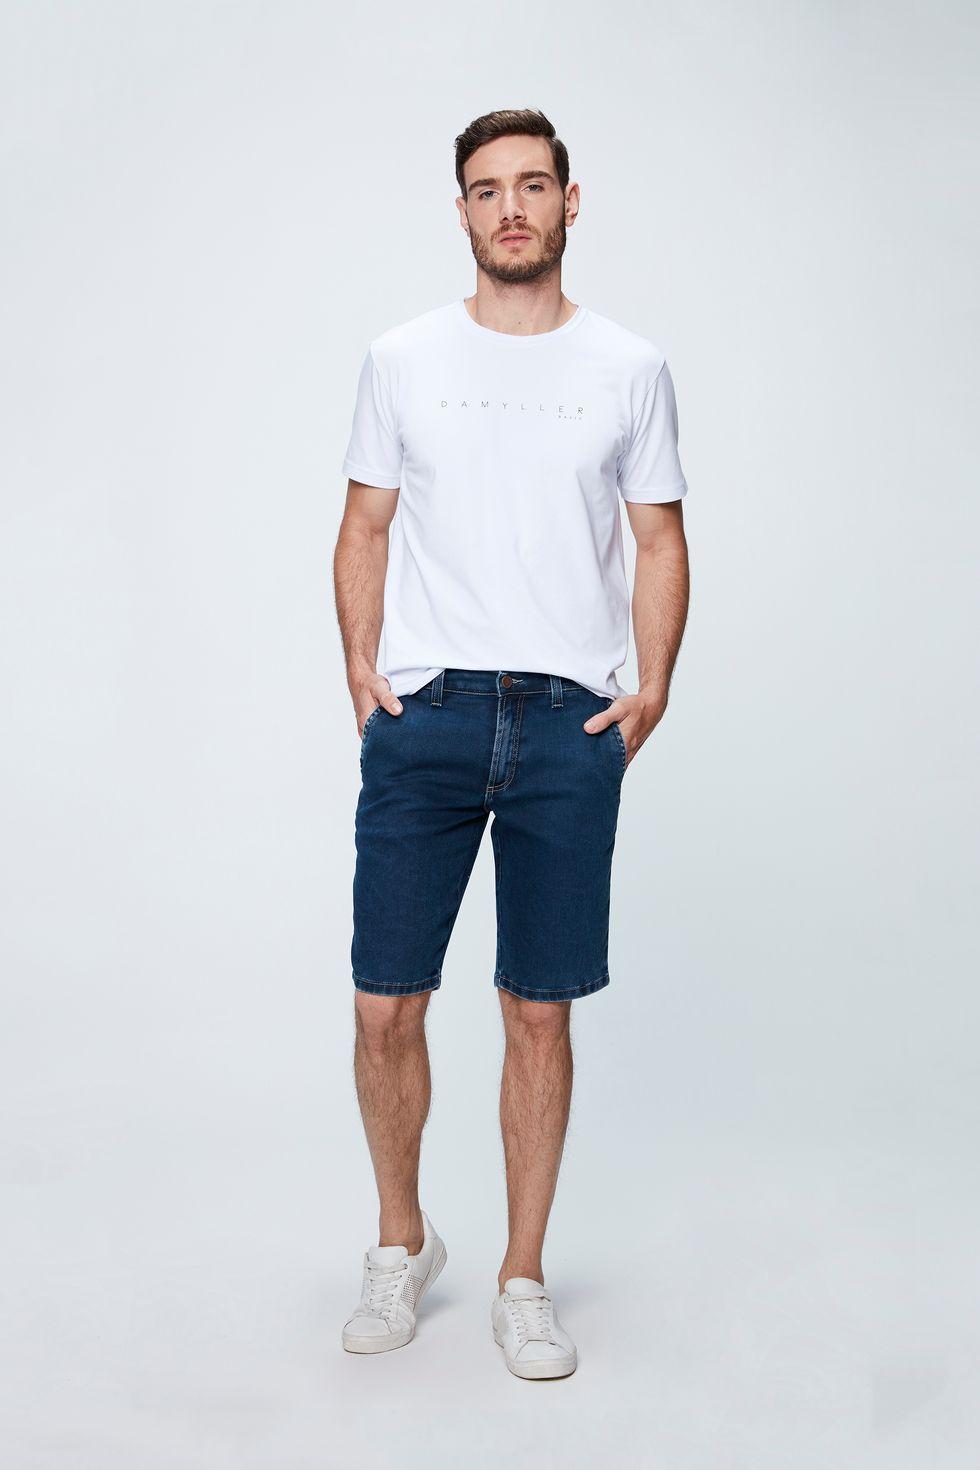 Look-Camiseta-Damyller-Basic-